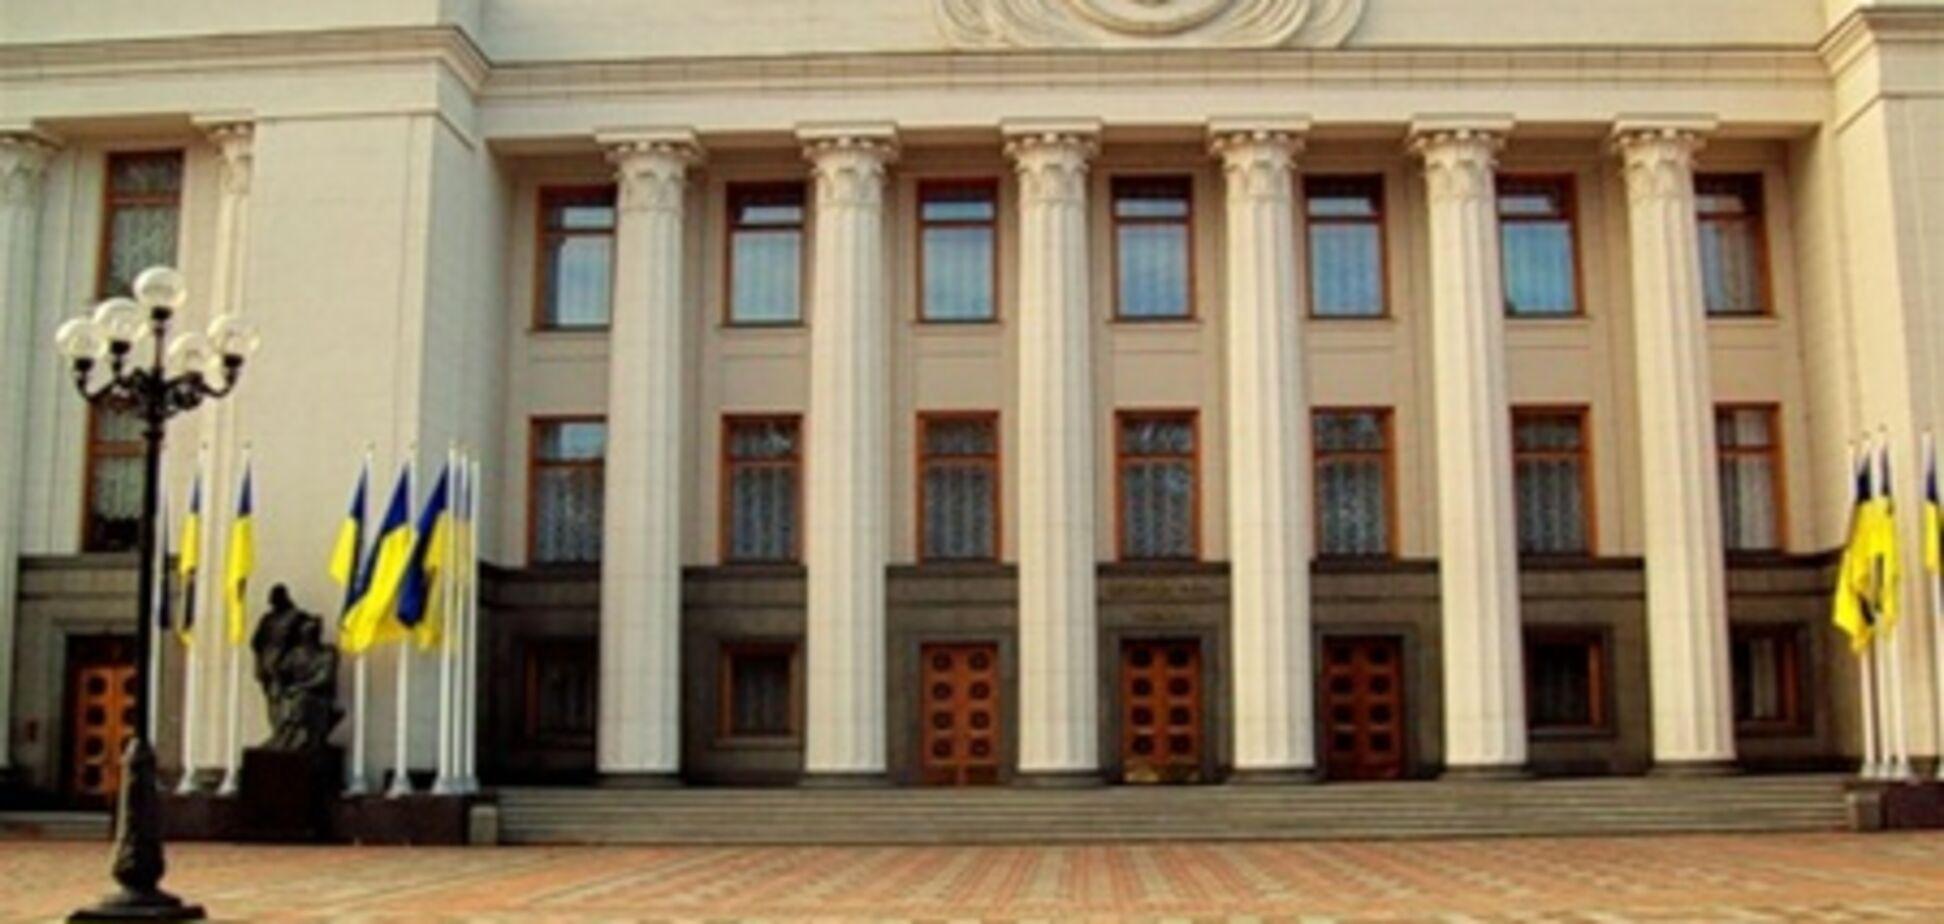 Эксперты: в Раде нового созыва не будет стабильного большинства